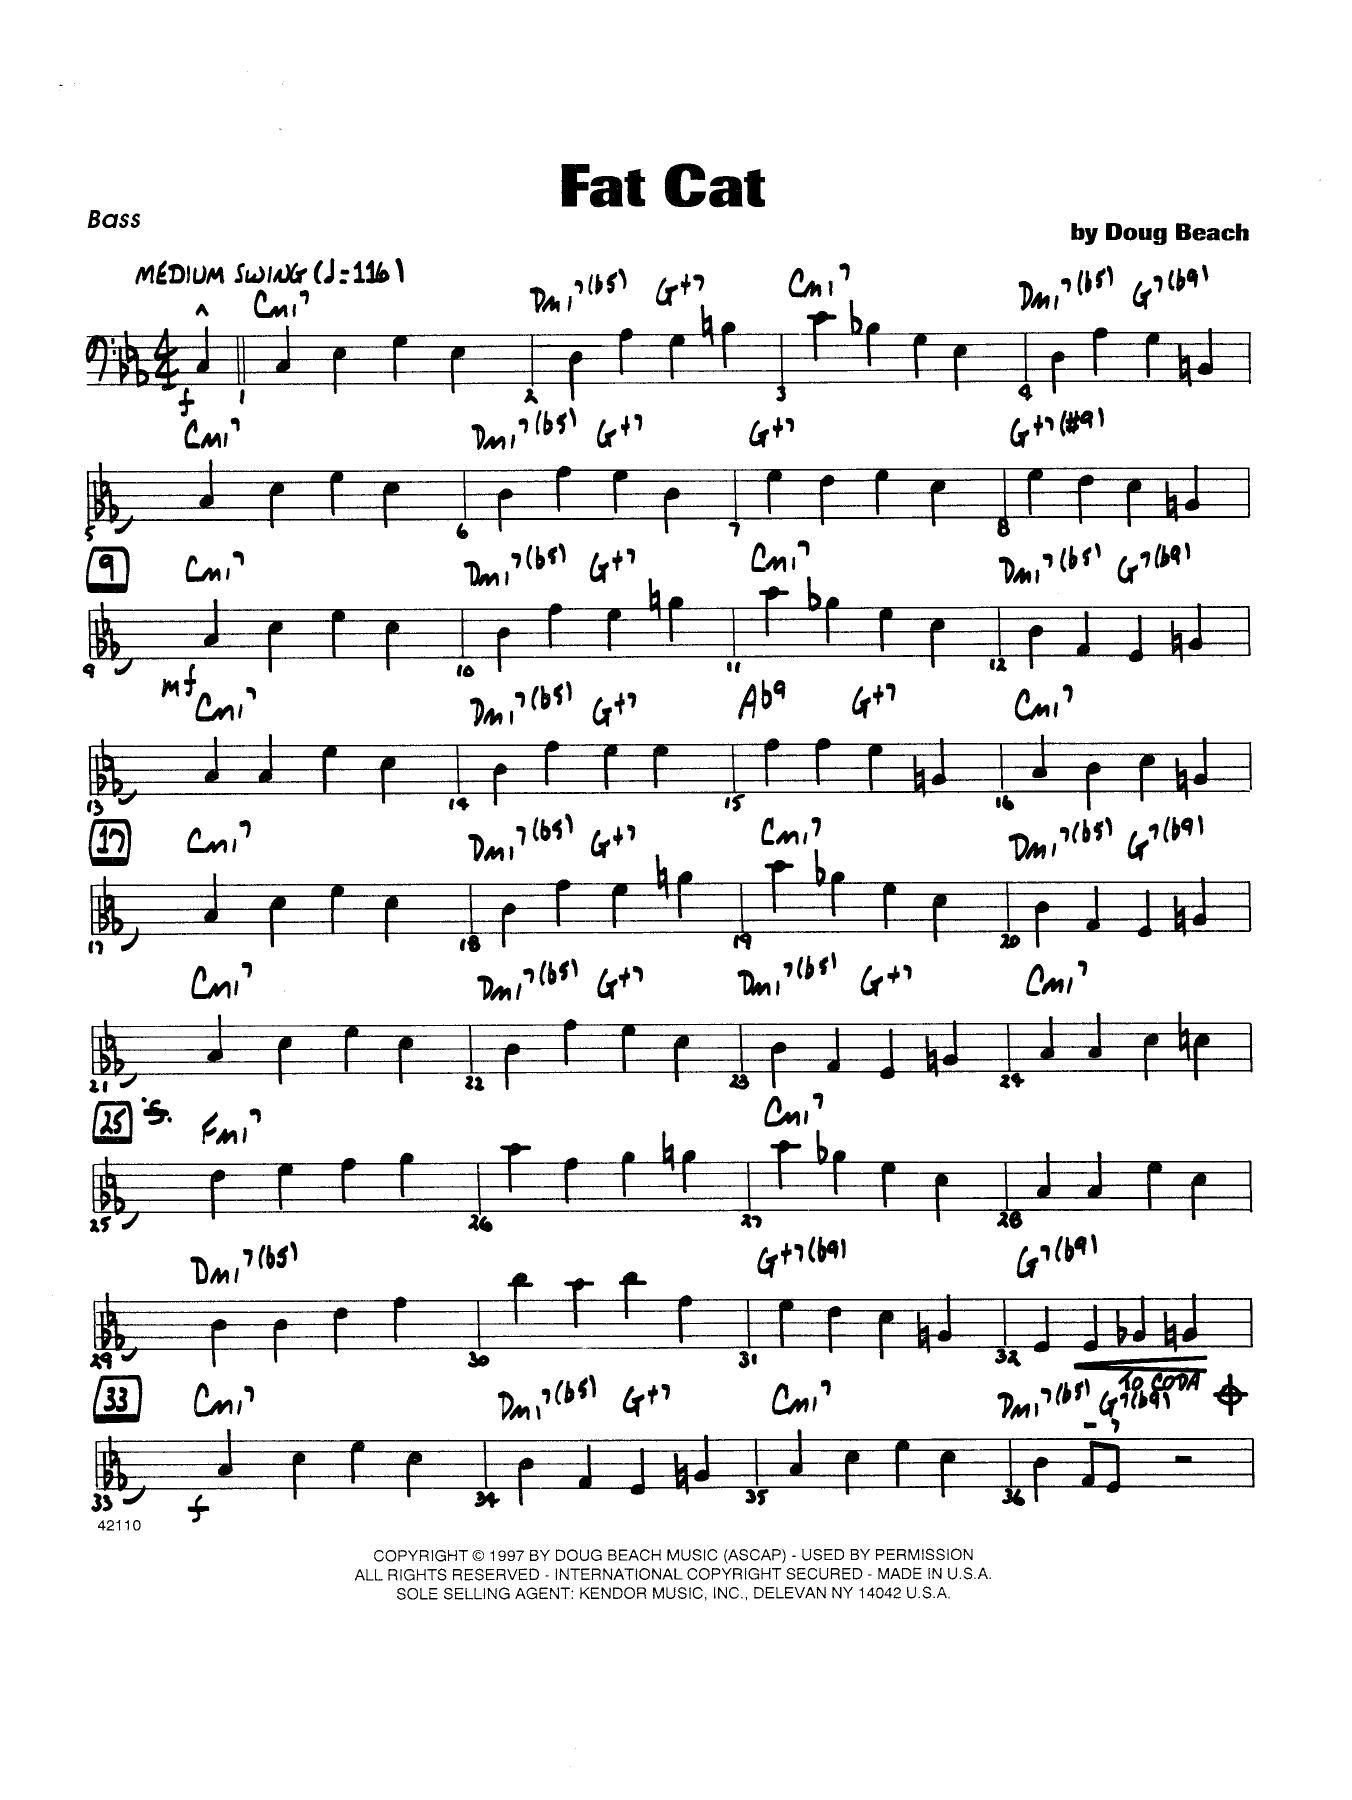 Fat Cat - Bass Sheet Music